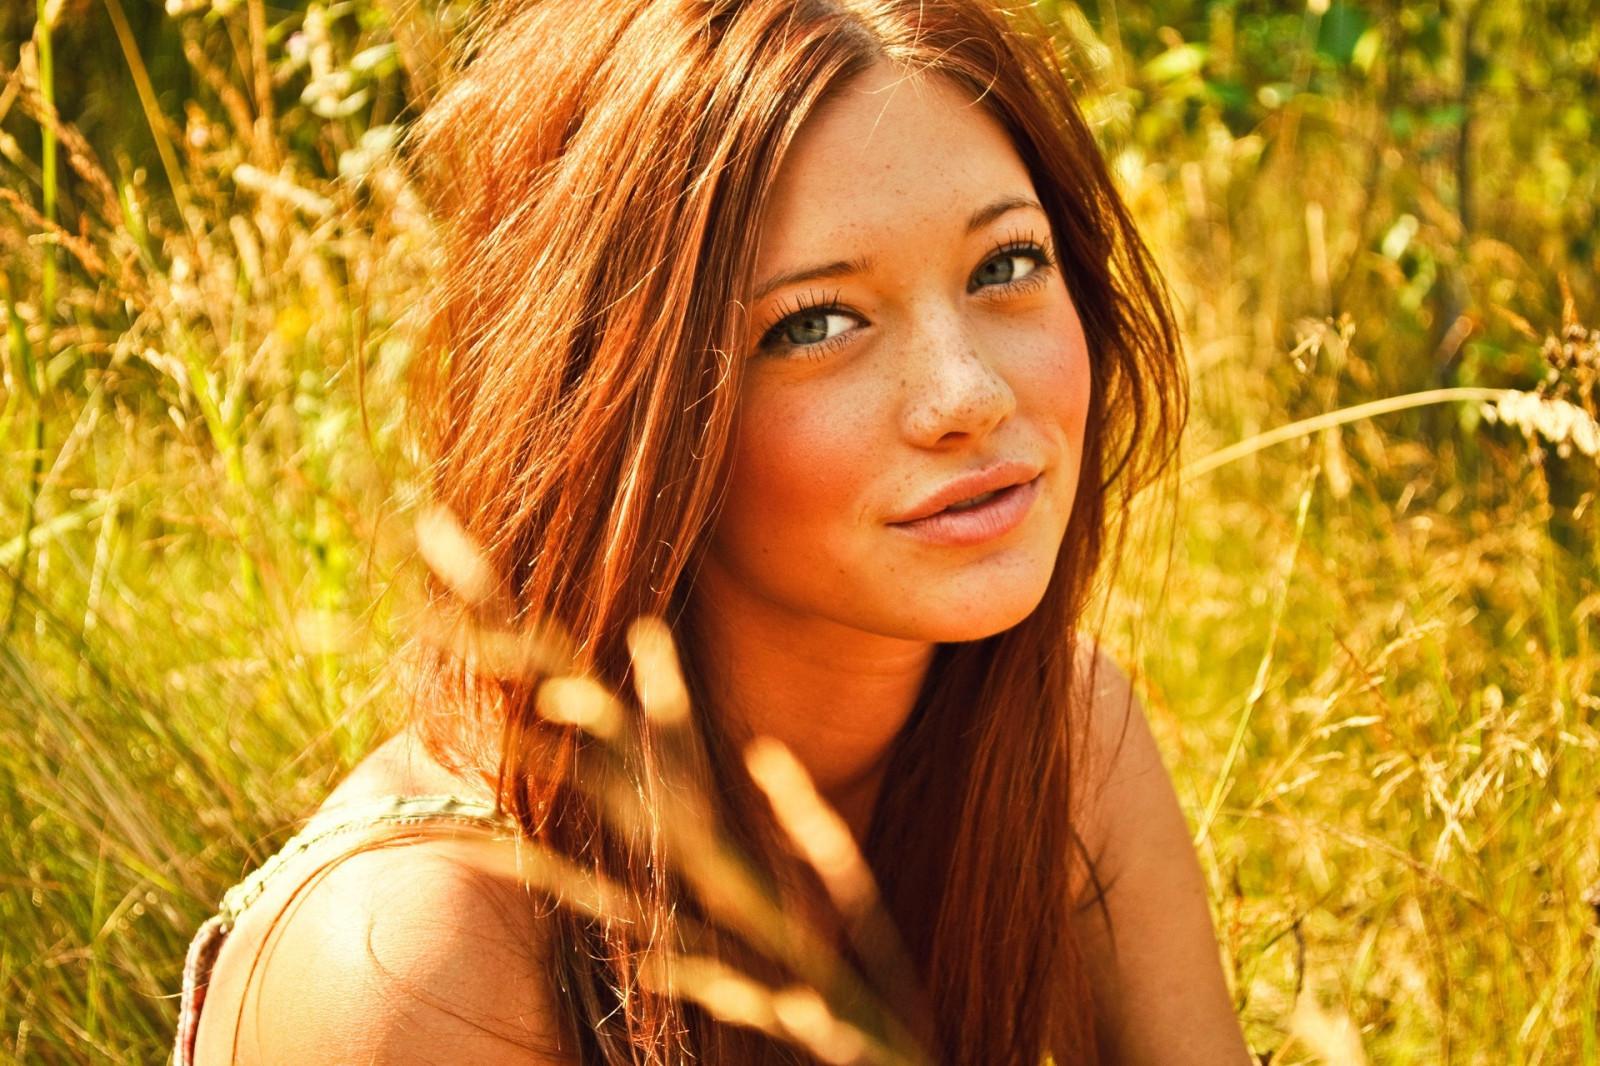 Wallpaper Face Women Model Long Hair Blue Eyes: Wallpaper : Face, Sunlight, Forest, Women Outdoors